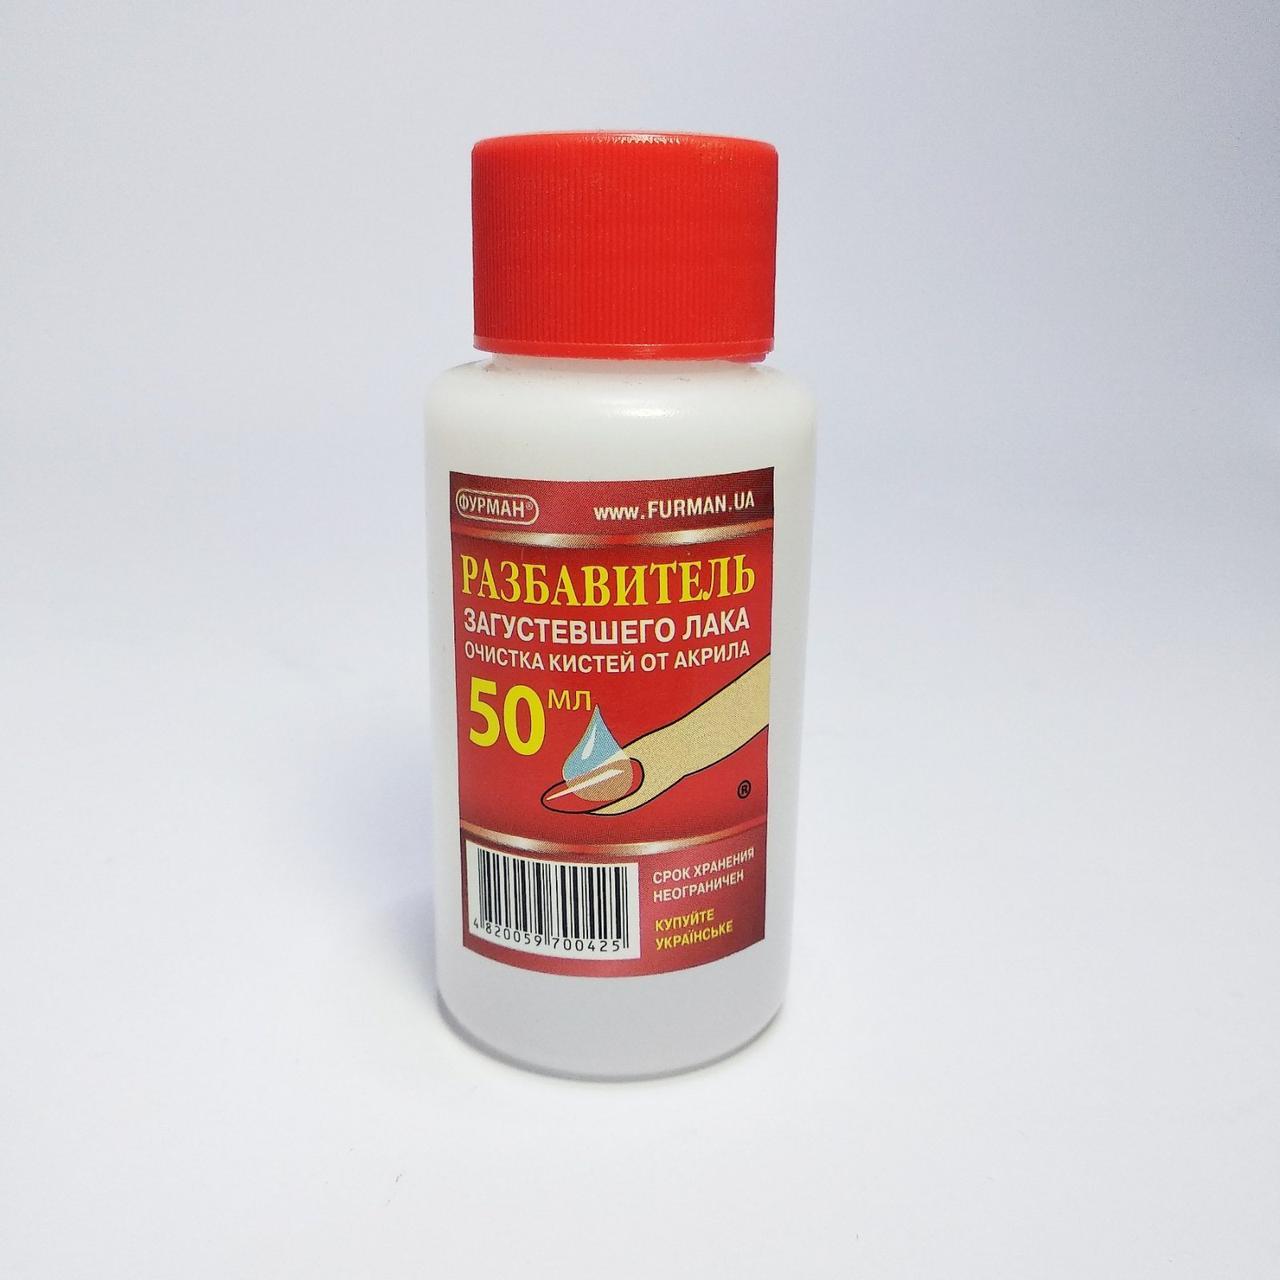 Жидкость для разбавления лака и очистки кистей от акрила  Фурман 50мл